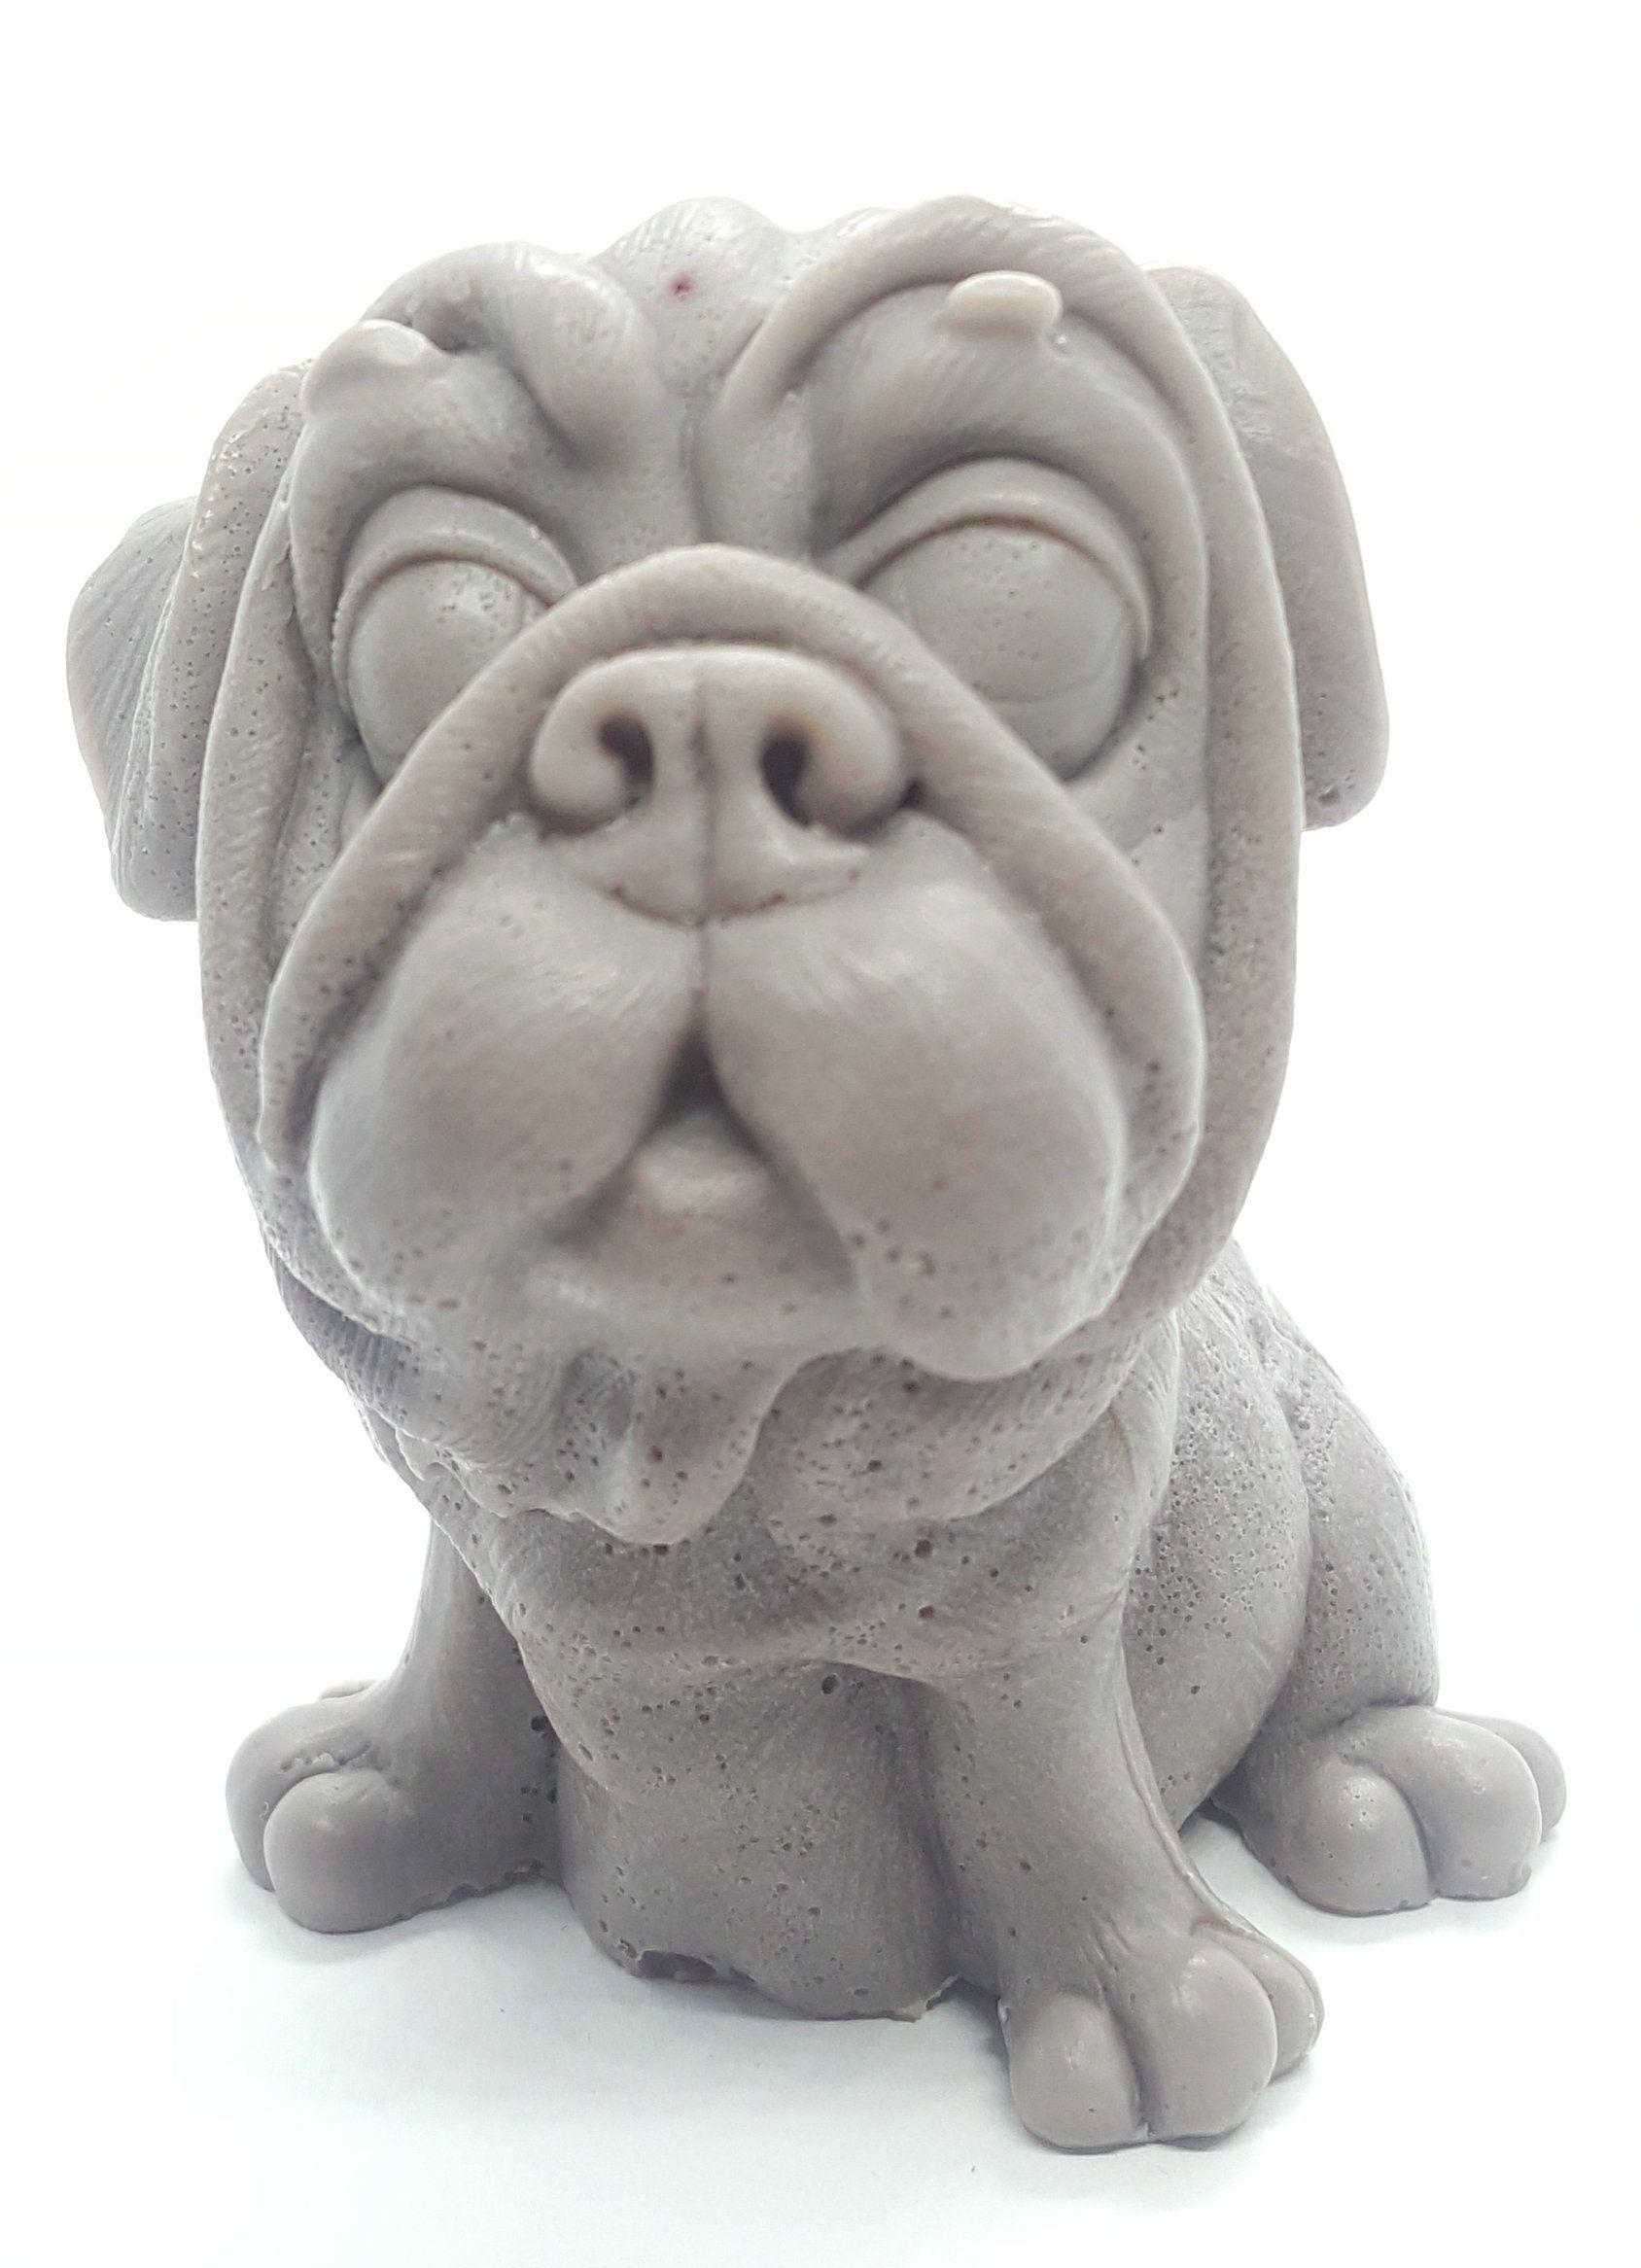 Mops Rasse Hund Seife Gast Geschenk Idee Weihnachten Geburtstag